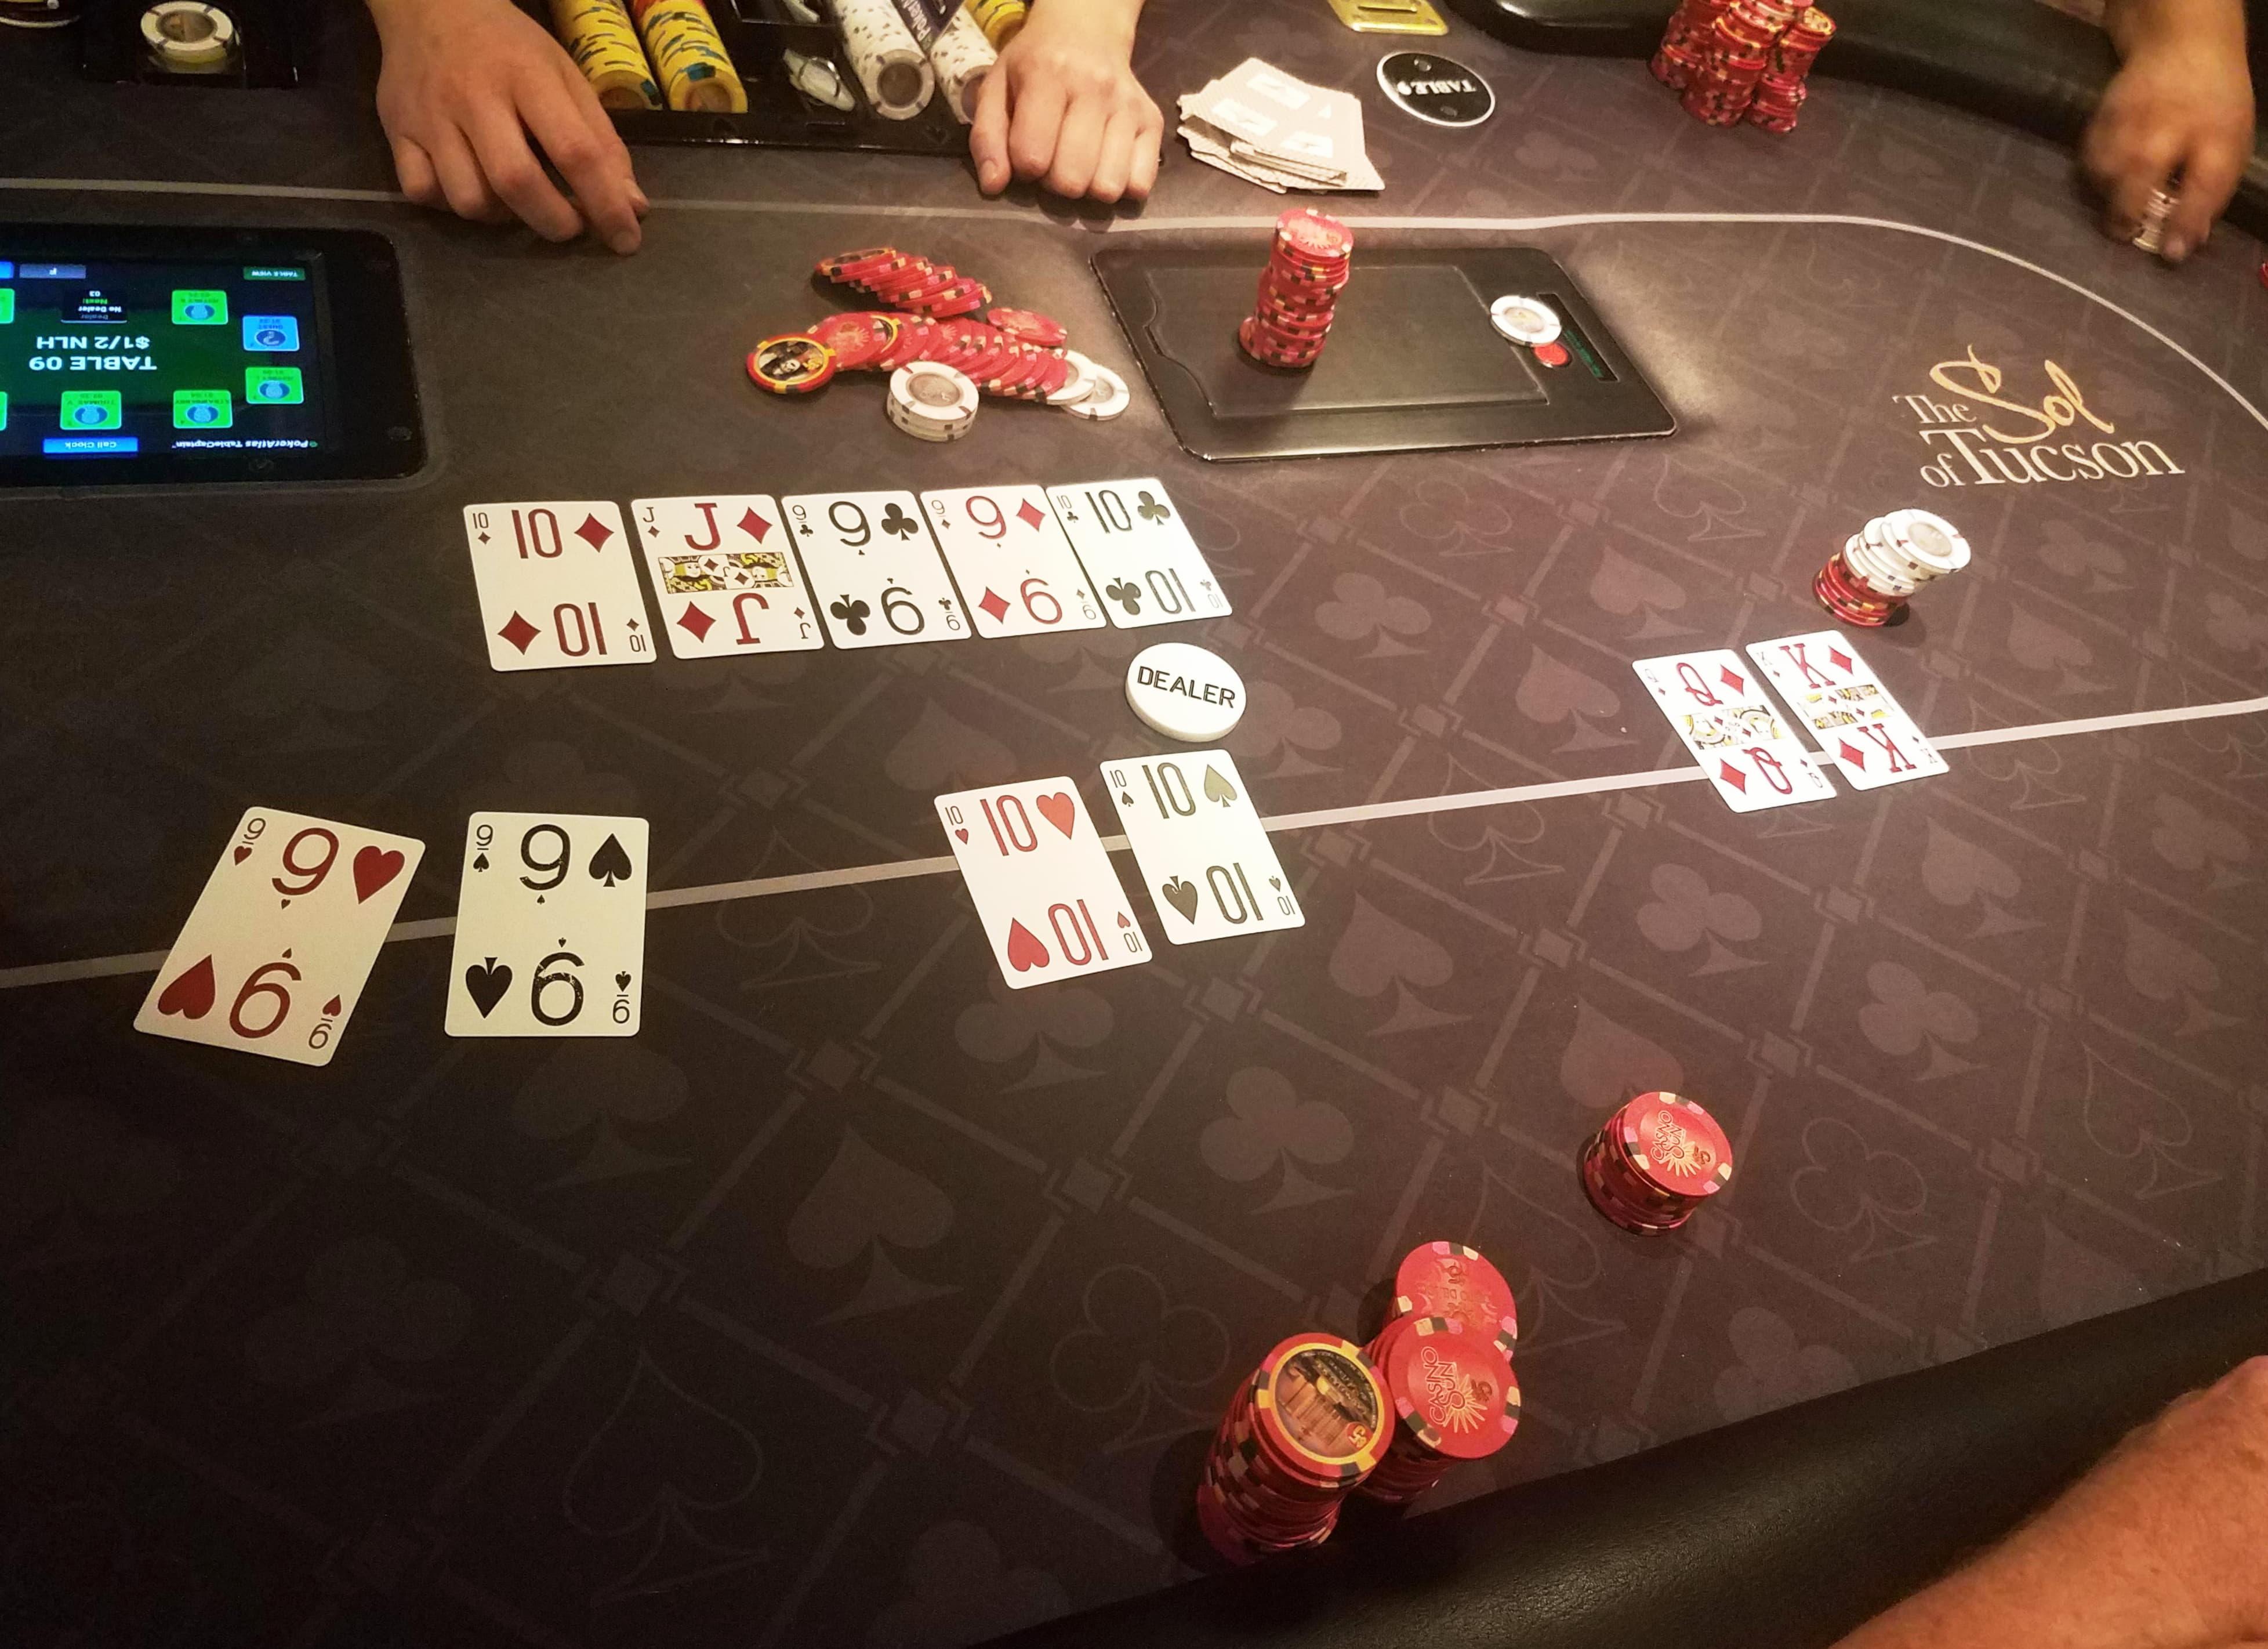 111 bezmaksas griezieni bez iemaksas Treasure Island Jackpots Casino (Sloto Cash Mirror)